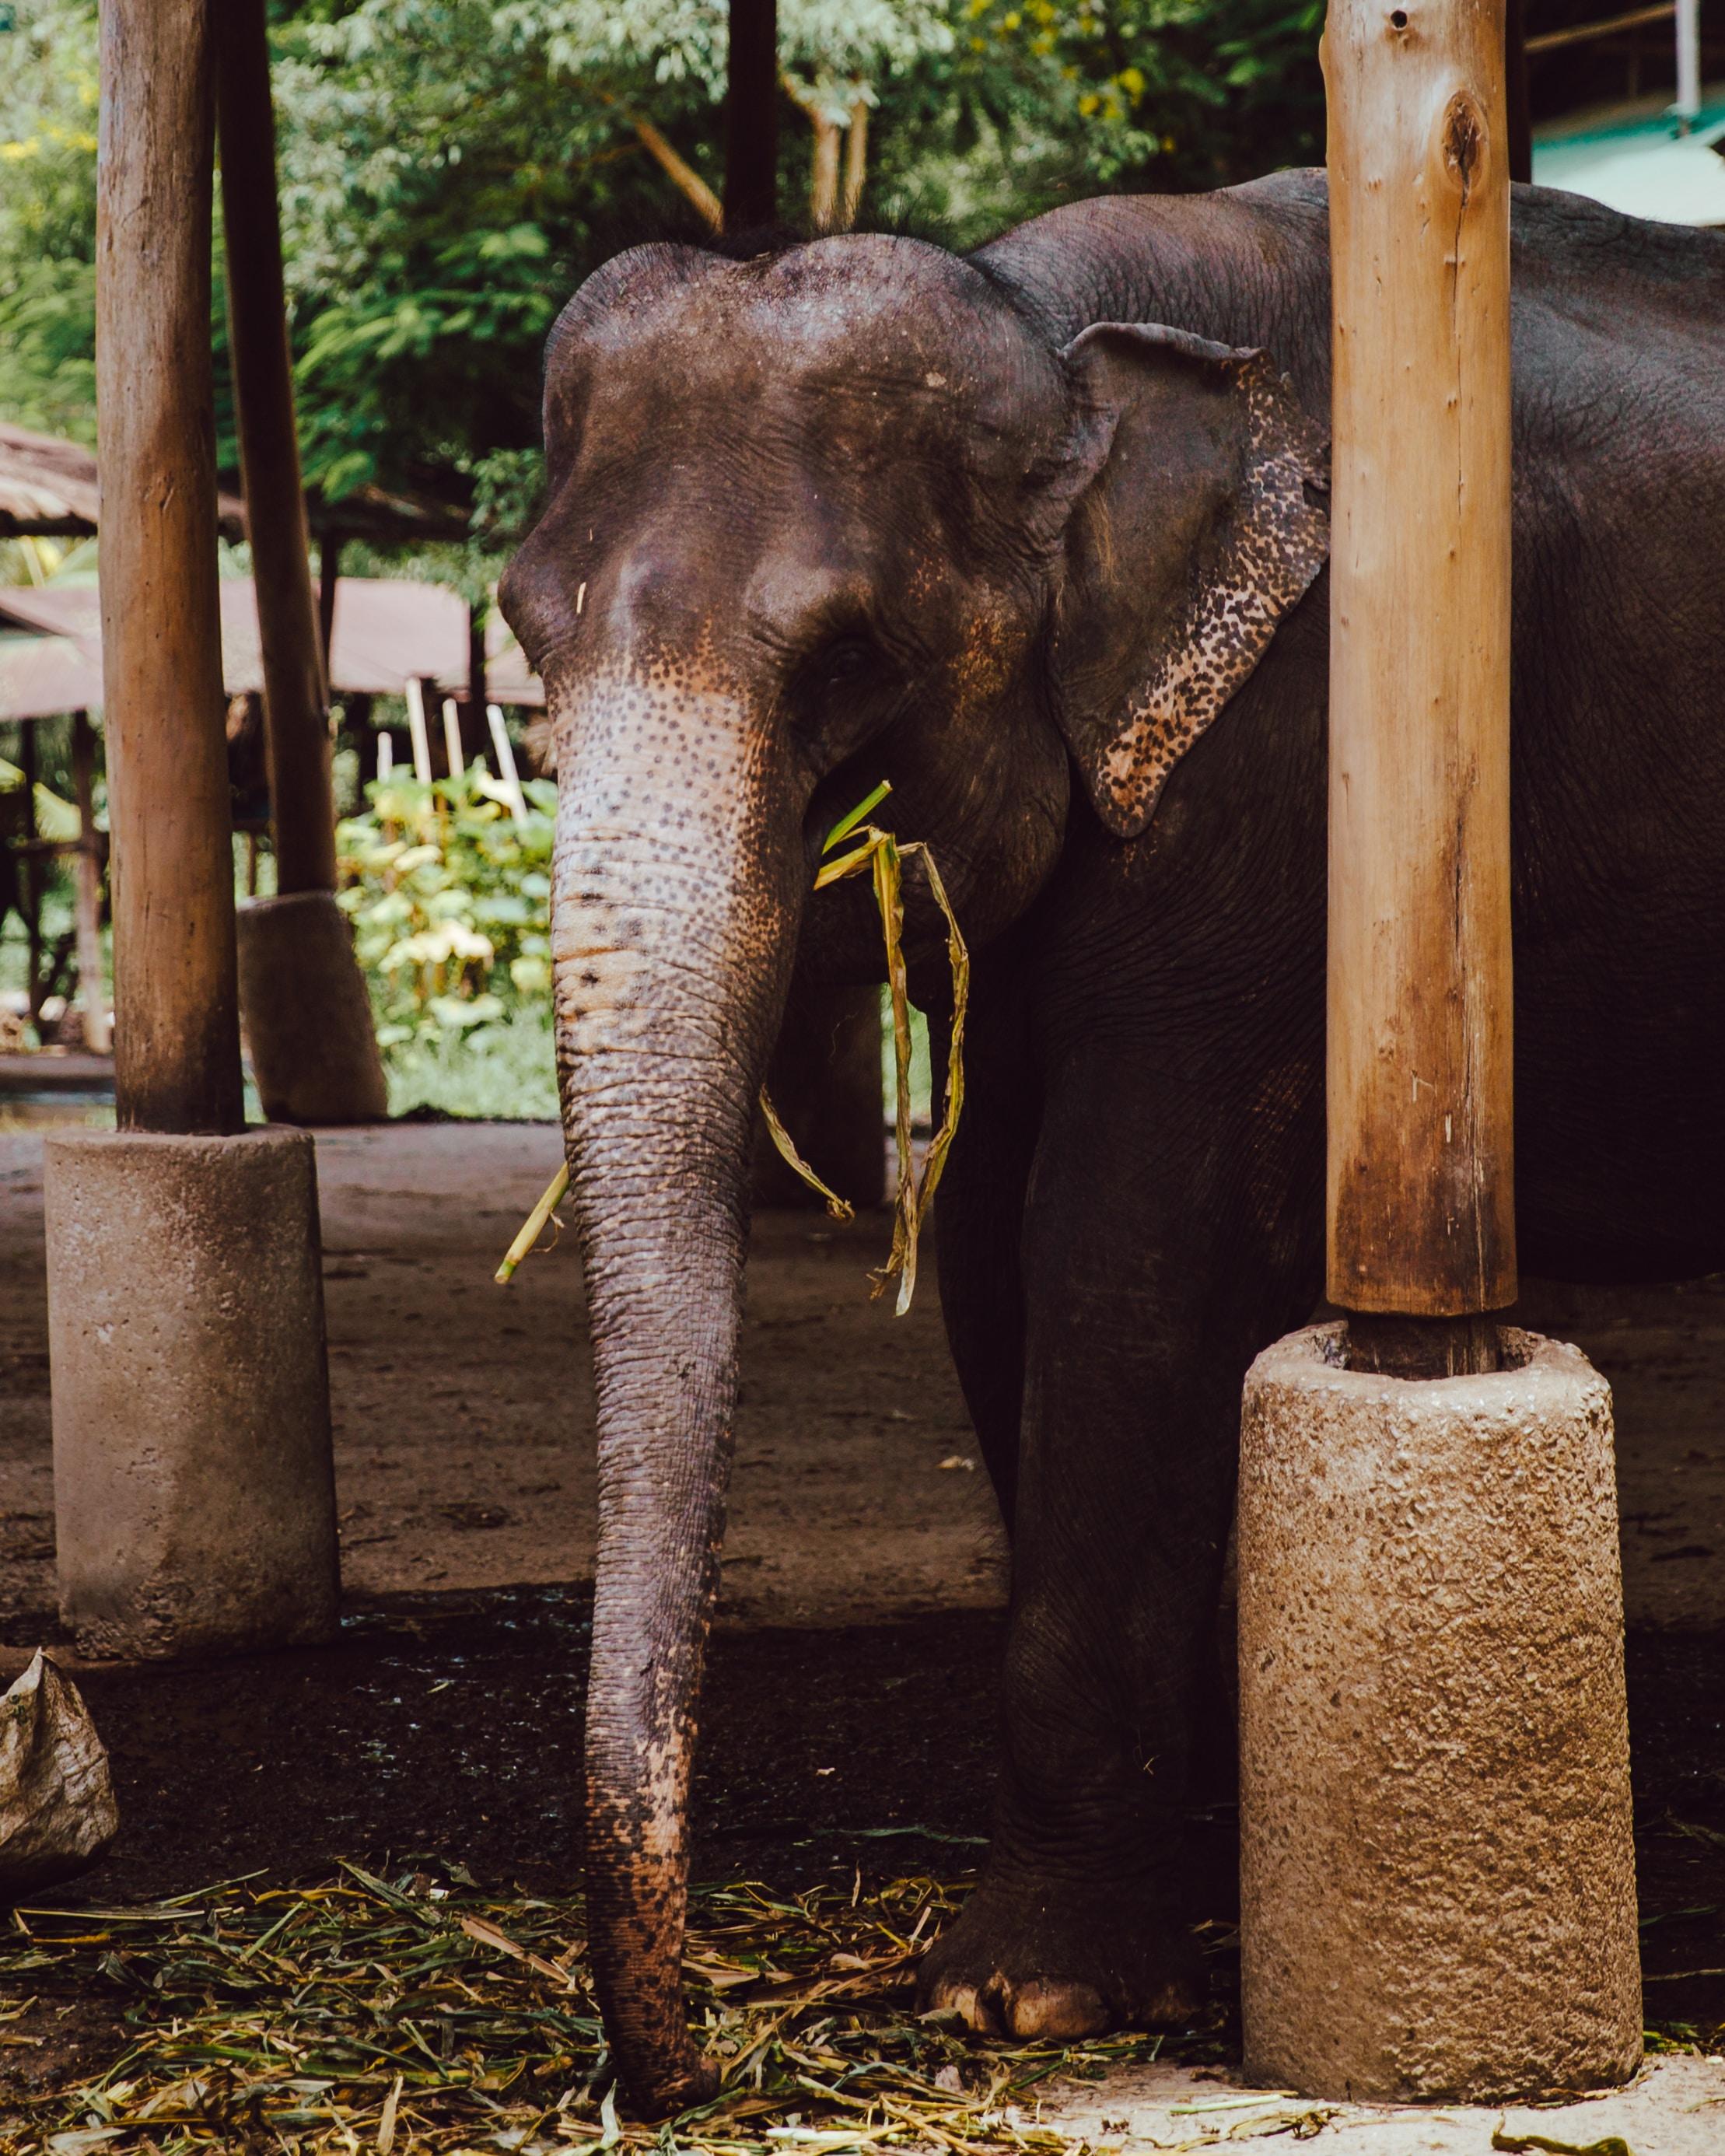 brown elephant near wooden pillar